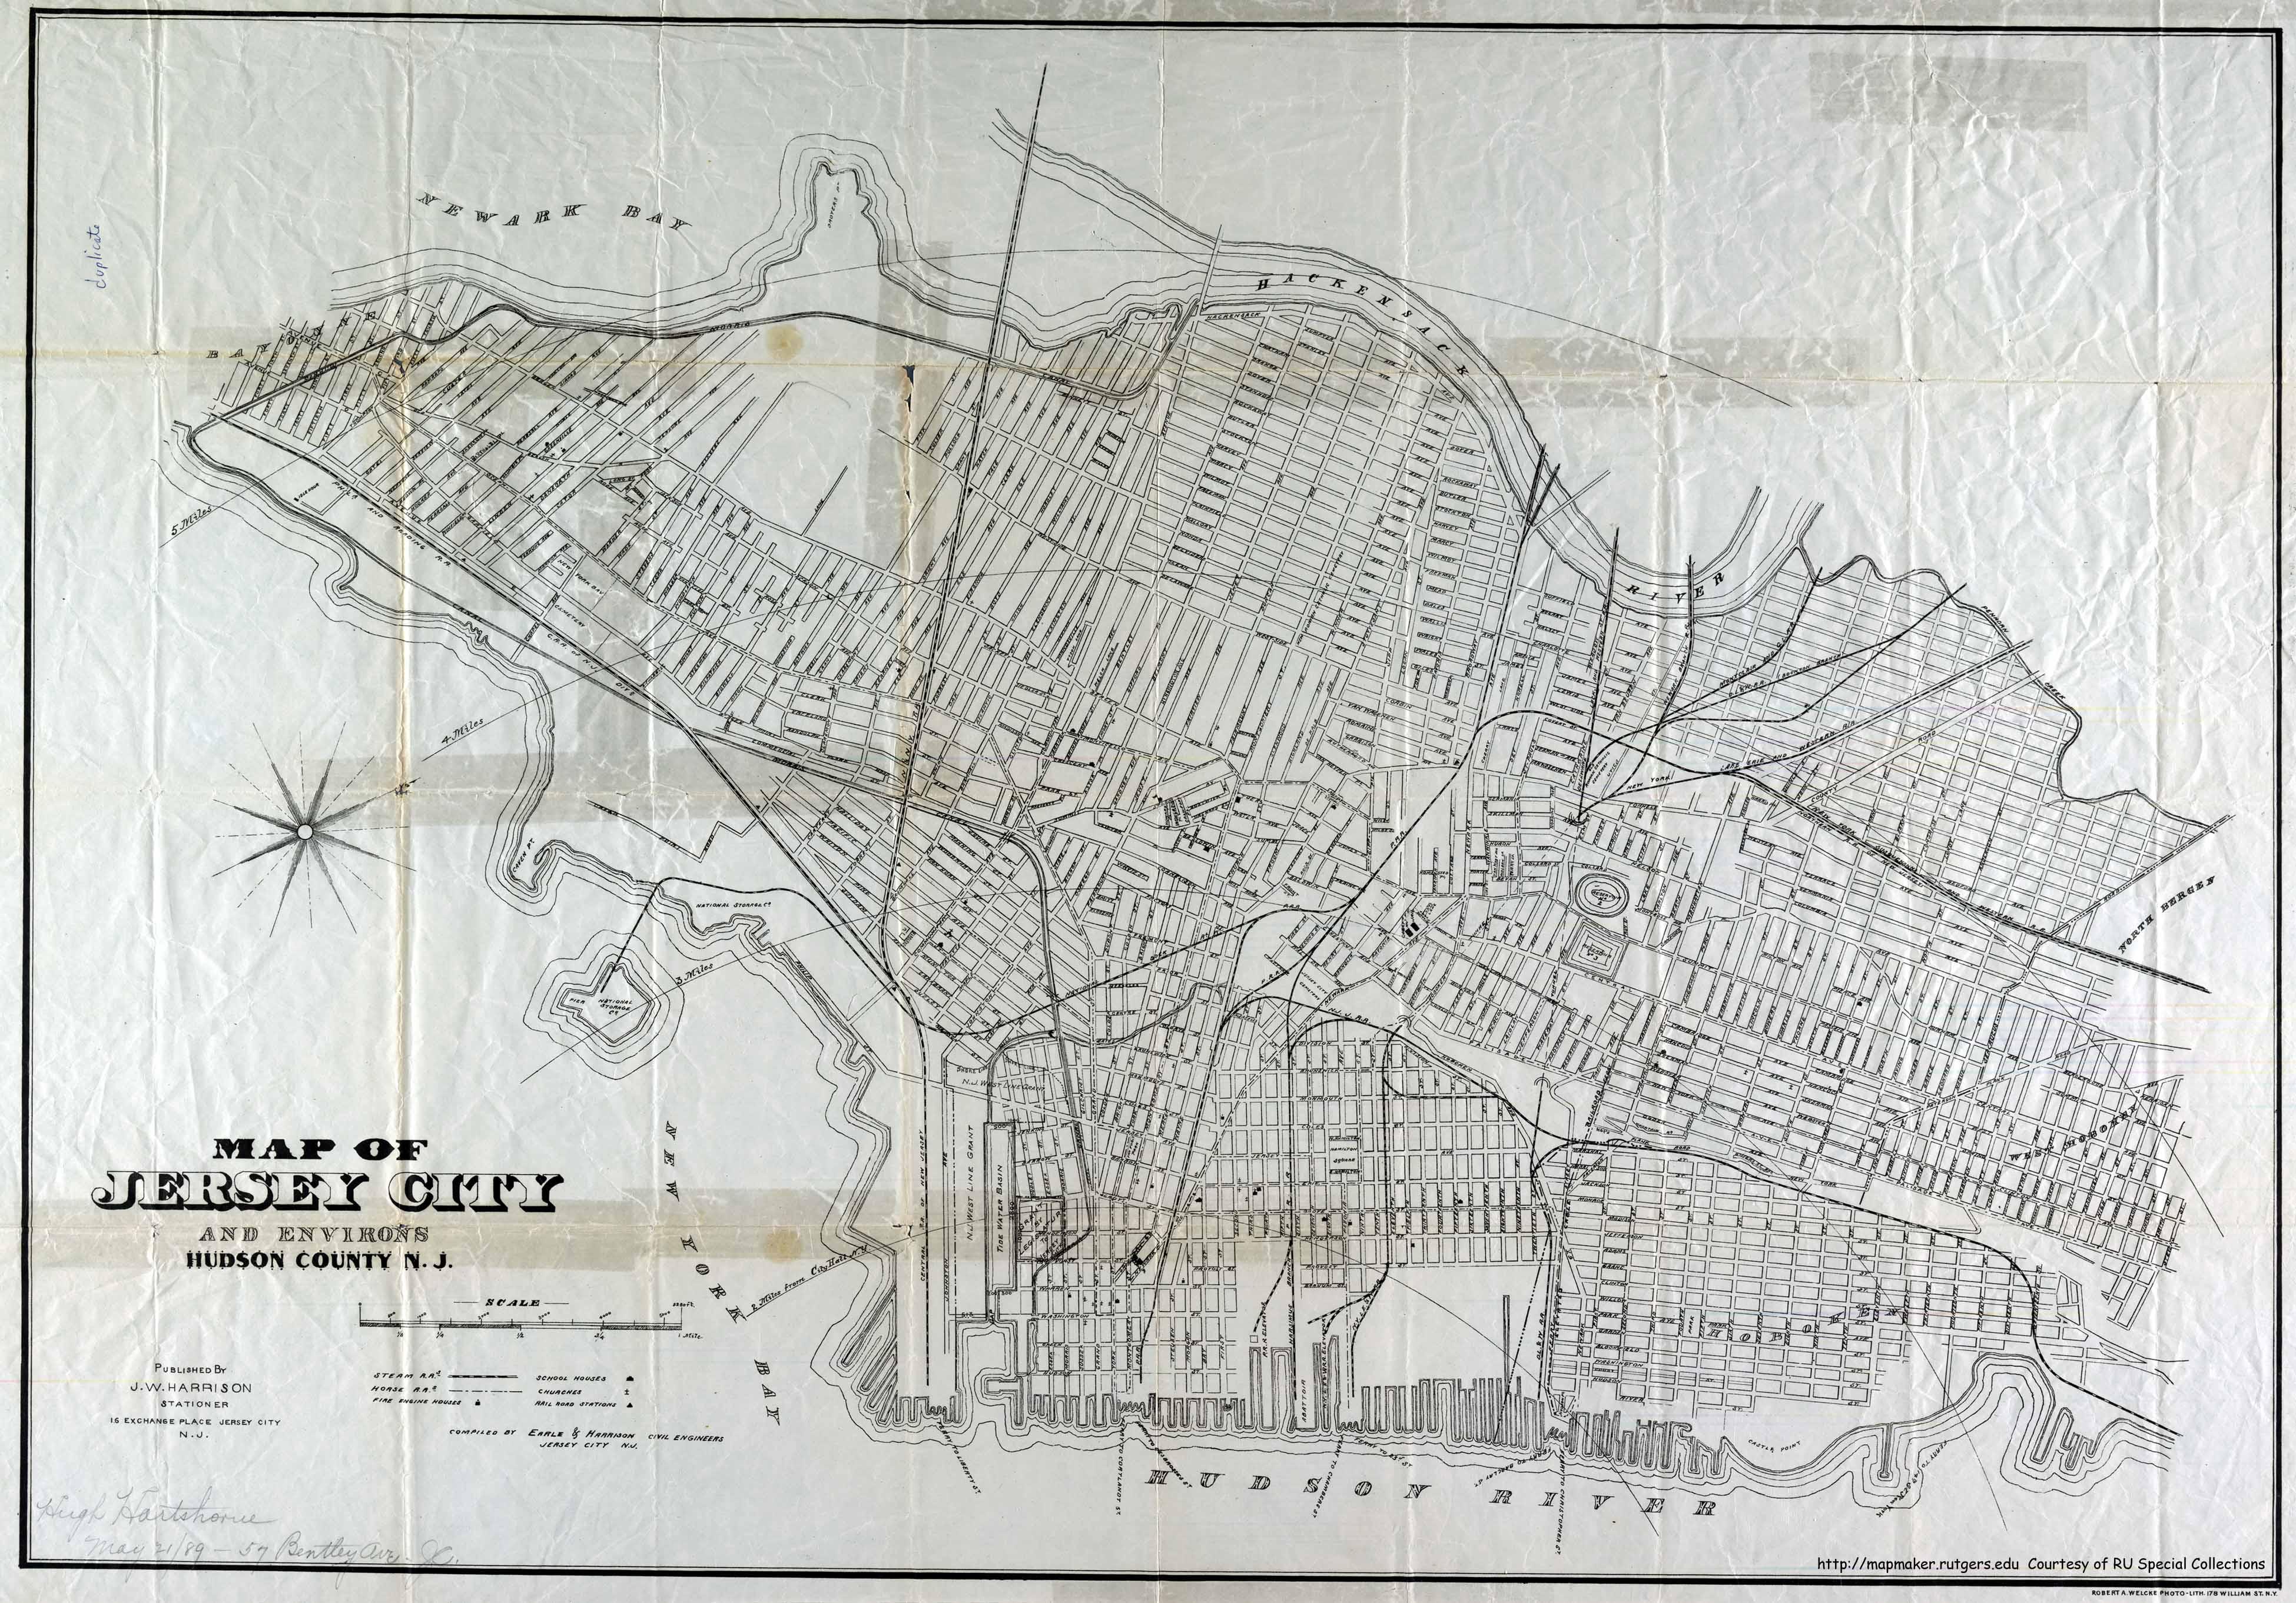 Metro Ny Nj Historical Photos